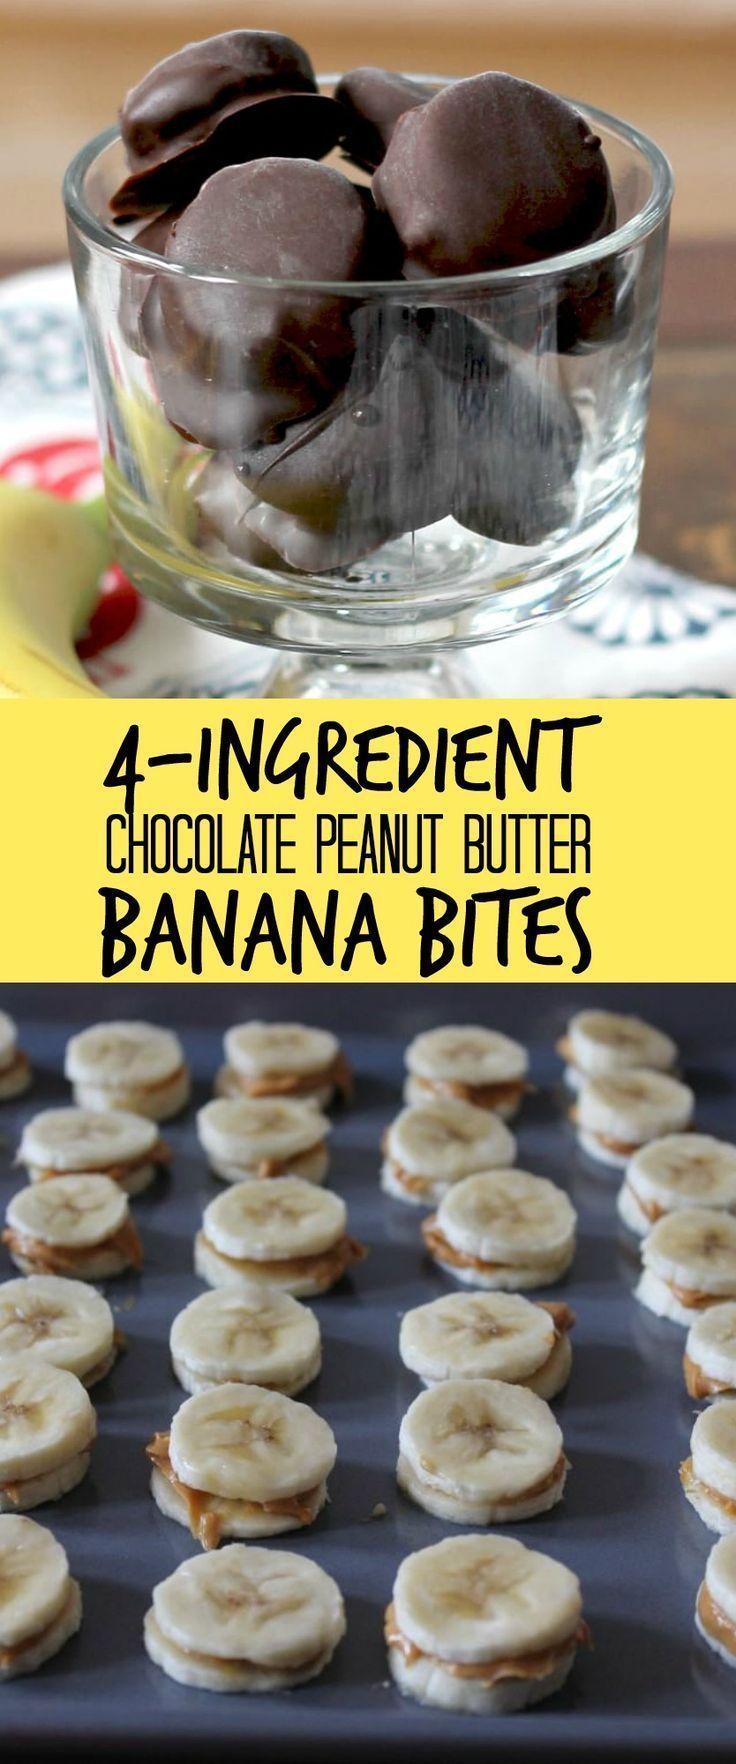 Dark Chocolate Peanut Butter Banana Bites #banana #bites #butter #chocolate #peanut #healthyrecipes